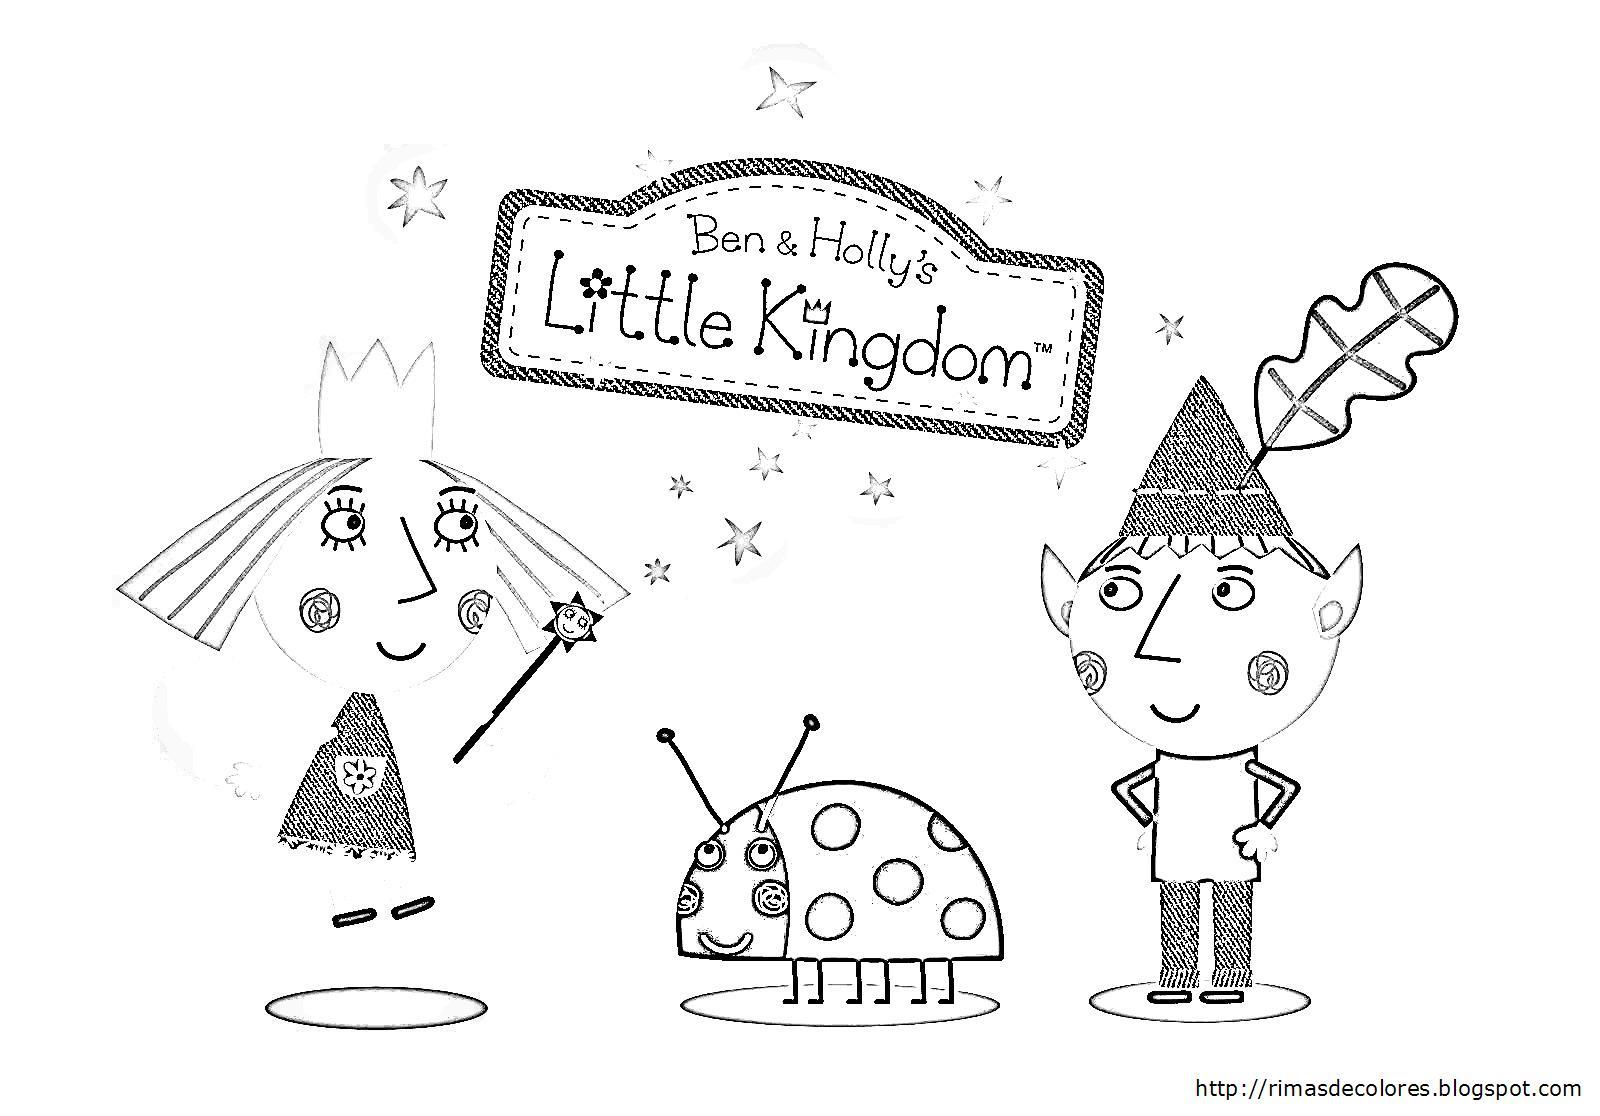 Blog de los nios: El Pequeo Reino de Ben y Holly